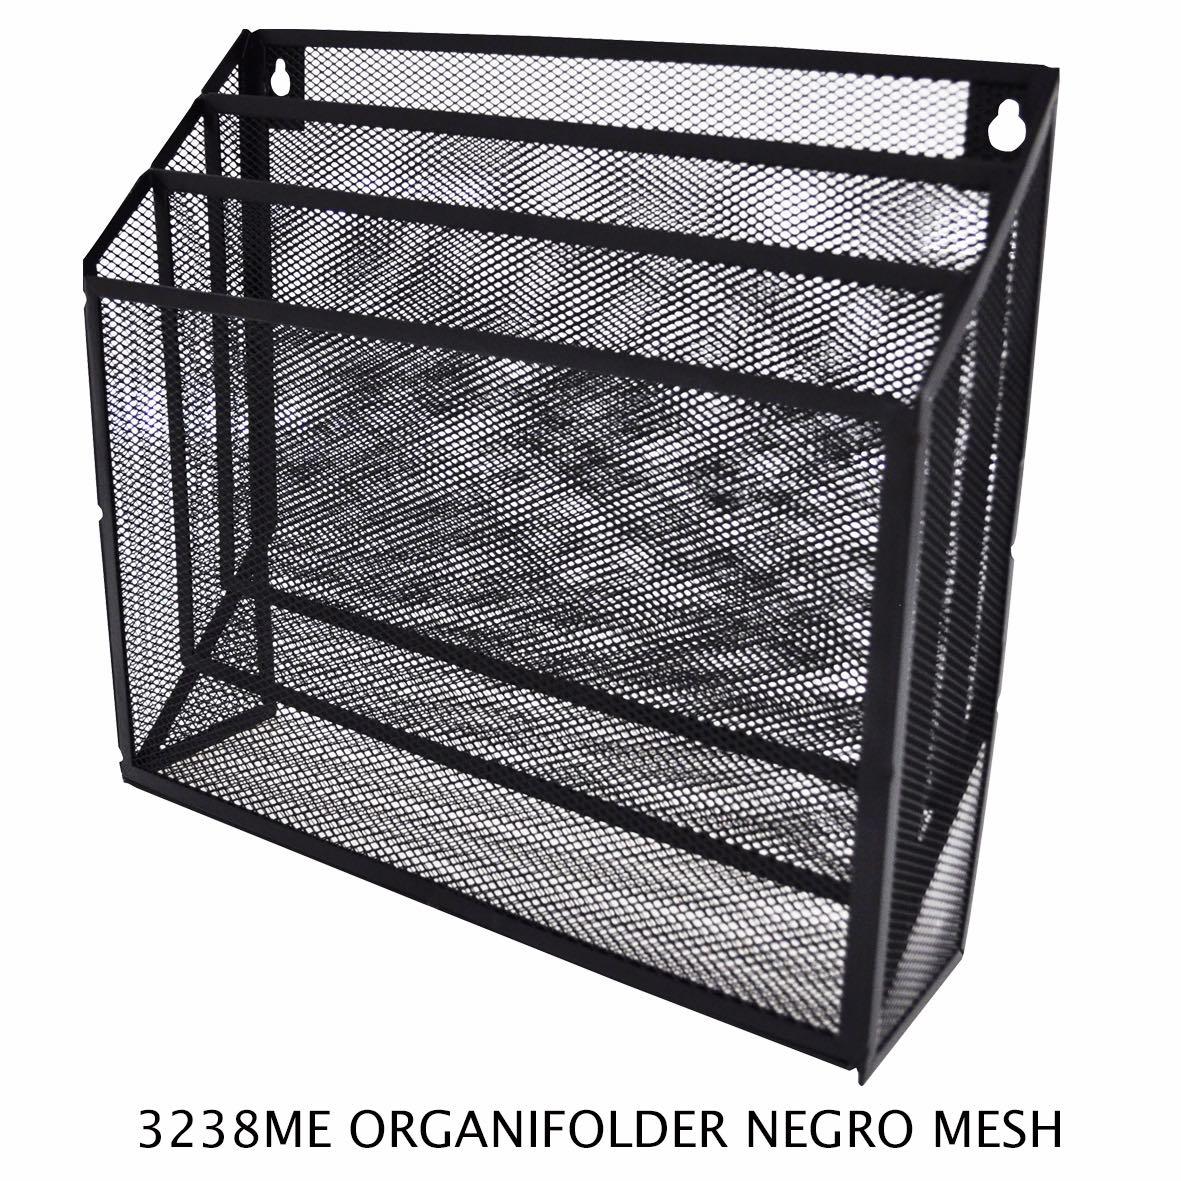 Organifolder Negro Mesh modelo 3238ME de Sablón